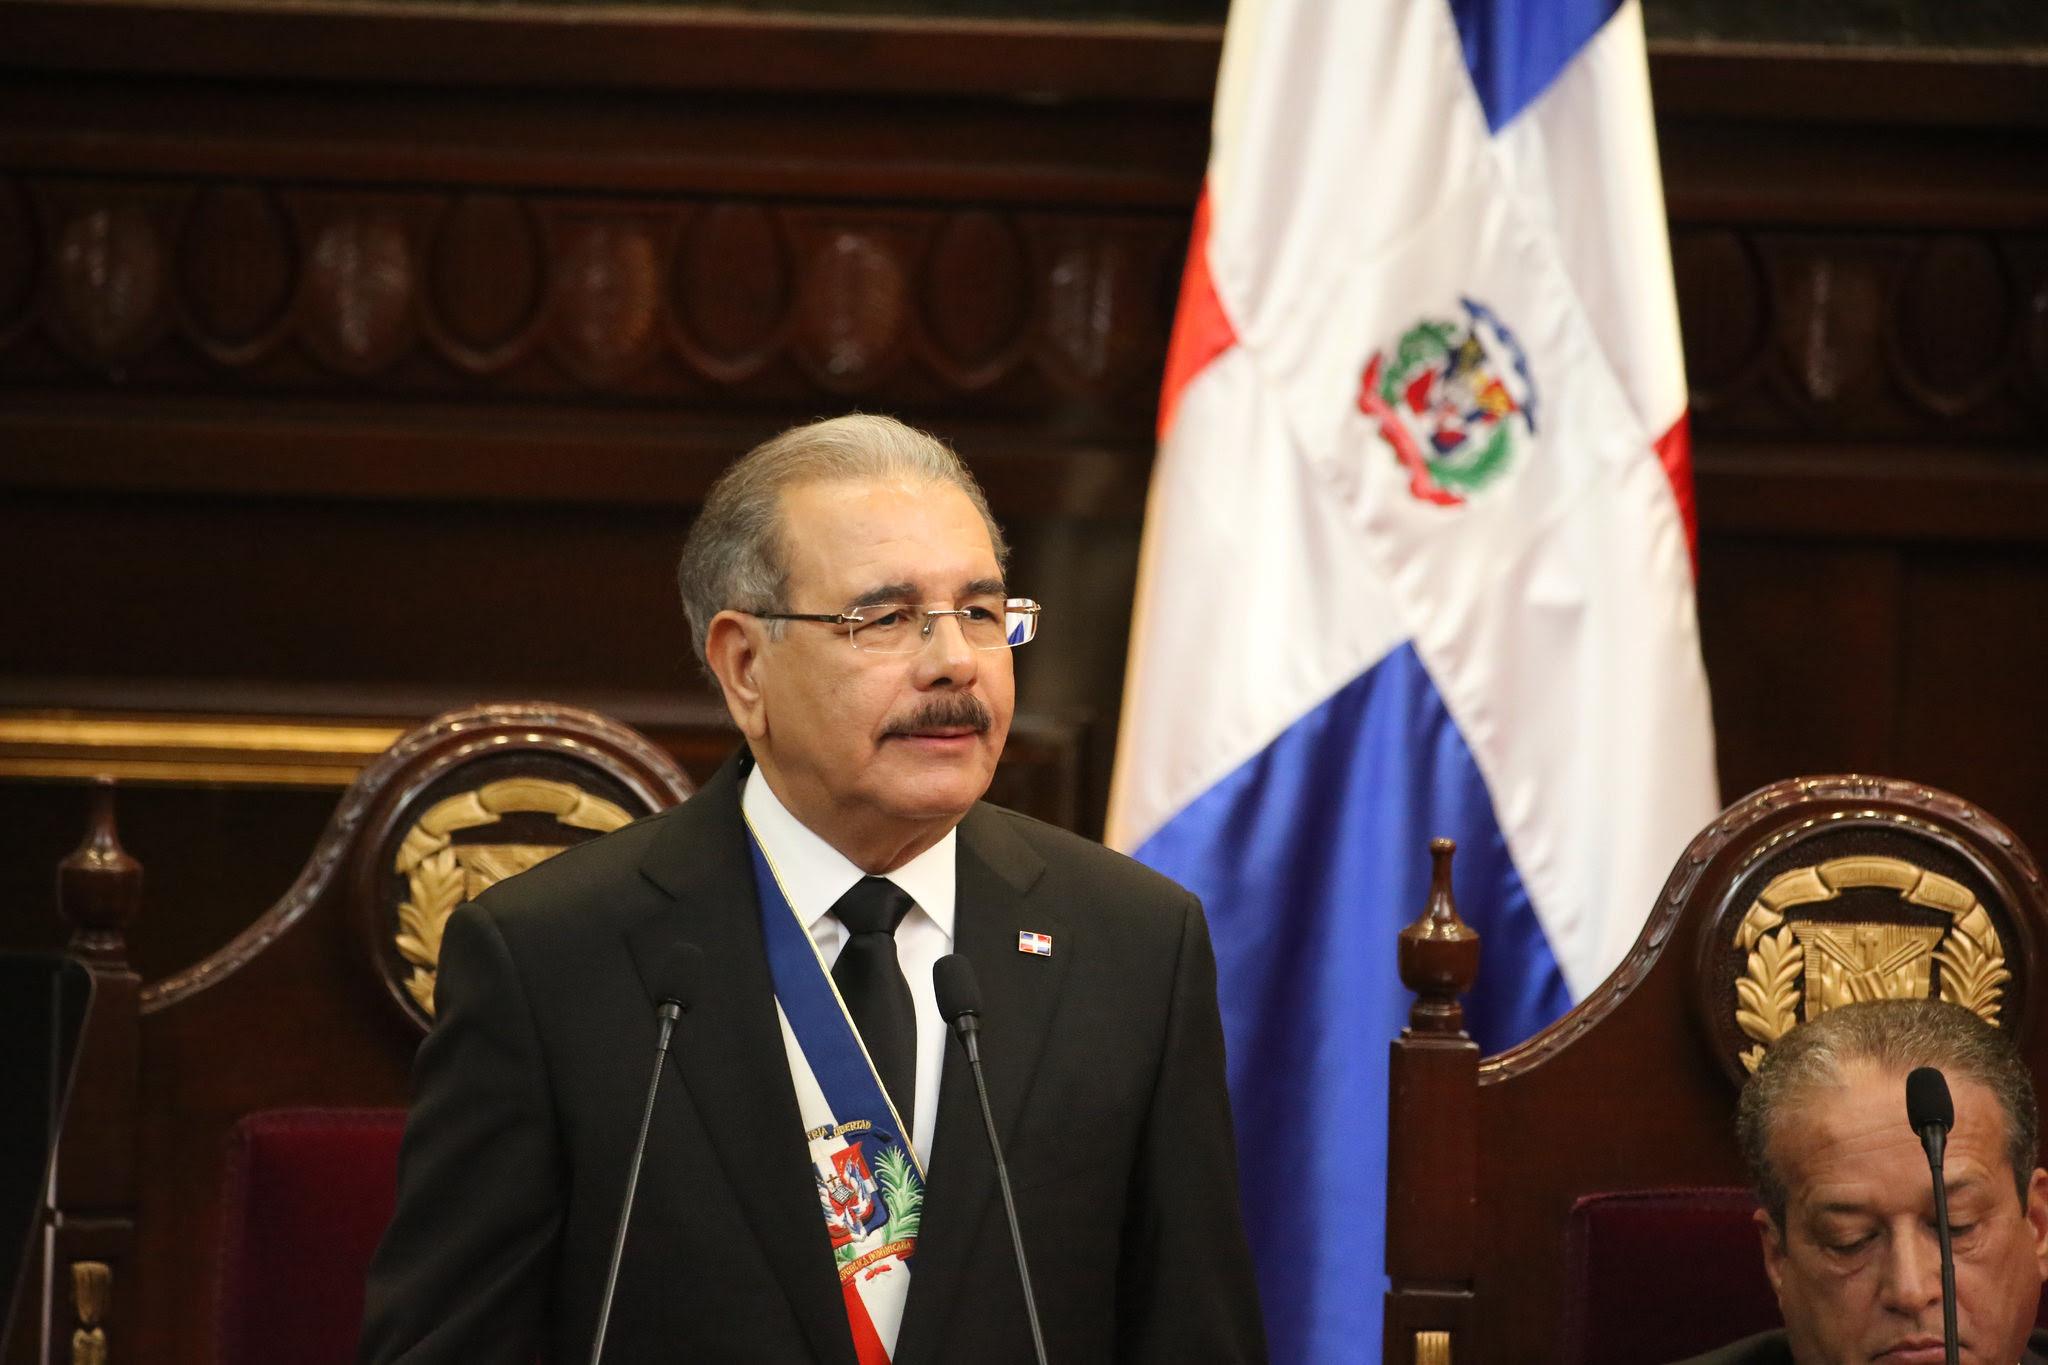 Presidente en discurso